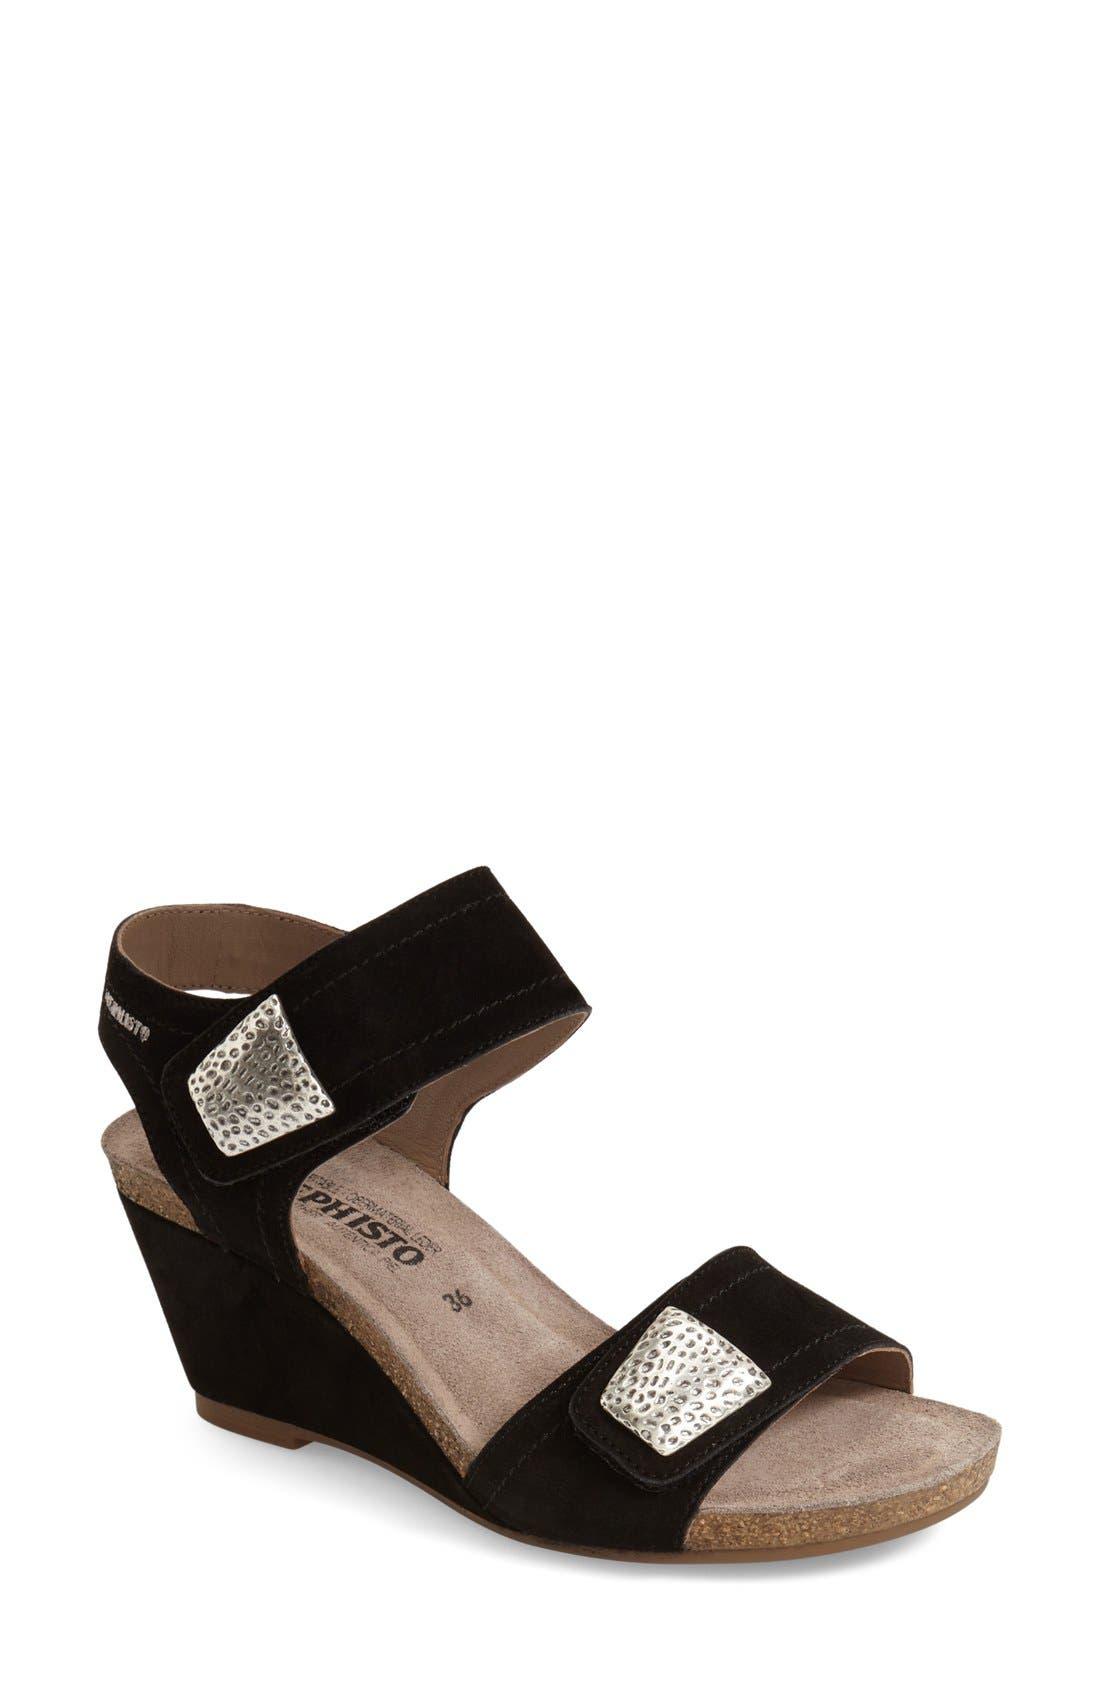 Sandale Compensée Mephisto Jackie (femmes) Commercialisable À Vendre Vente Pour Pas Cher F9CbLp